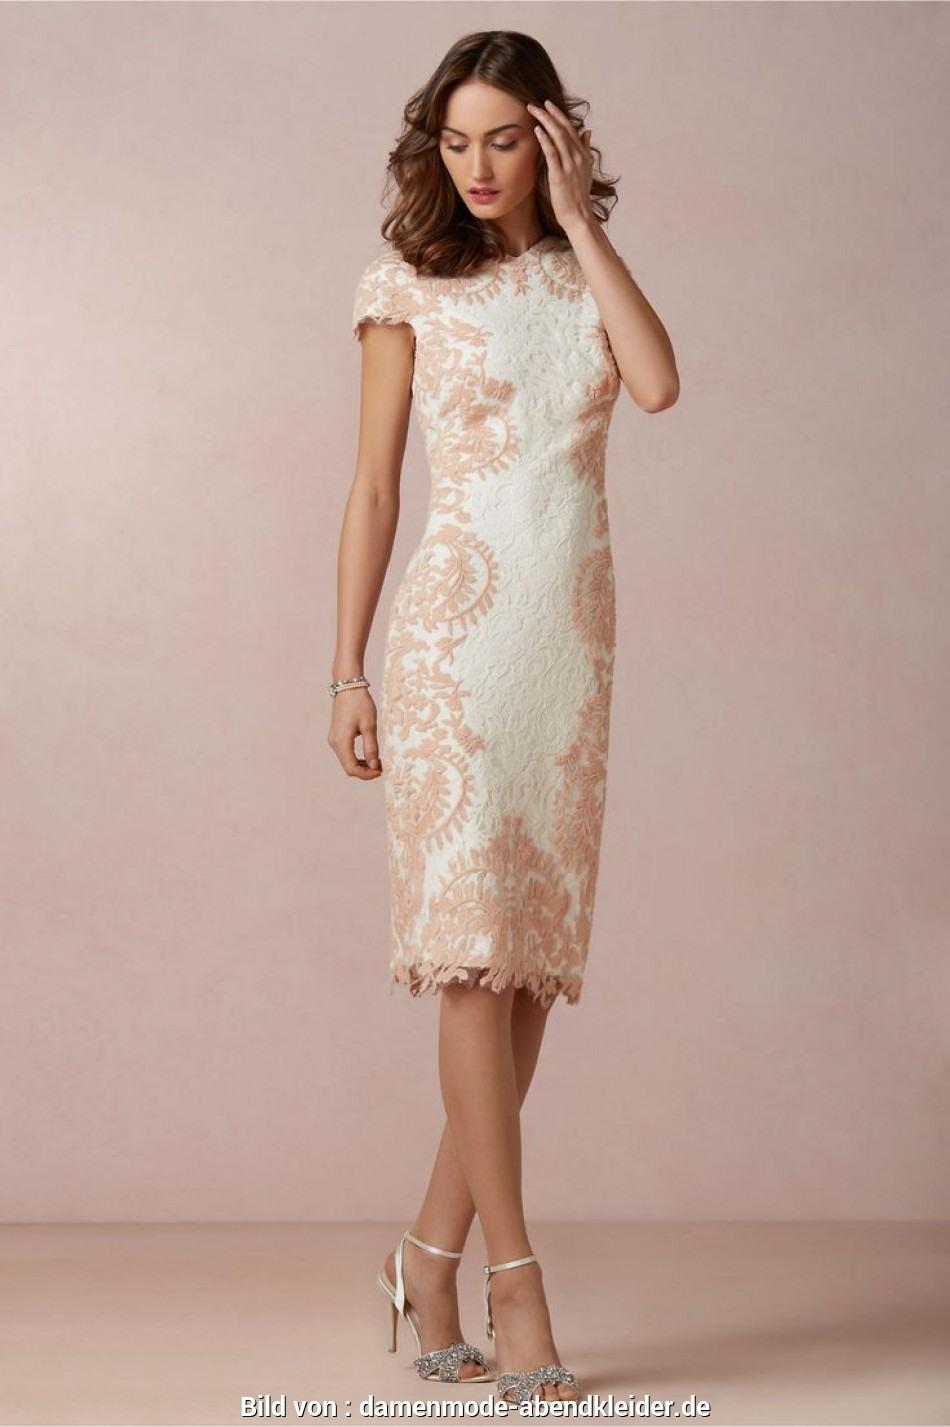 20 Luxus Abendkleider Für Hochzeit Design20 Genial Abendkleider Für Hochzeit Ärmel